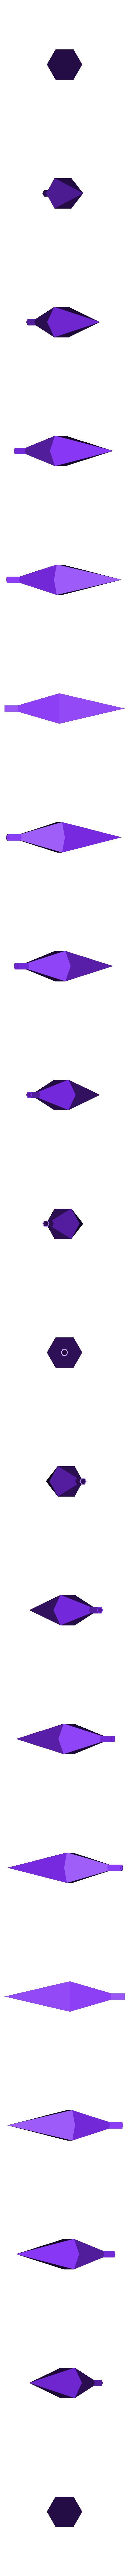 microphoneCylinder_008.stl Télécharger fichier STL microphone séraphin KDA ALL OUT COSPLAY • Modèle pour imprimante 3D, geck